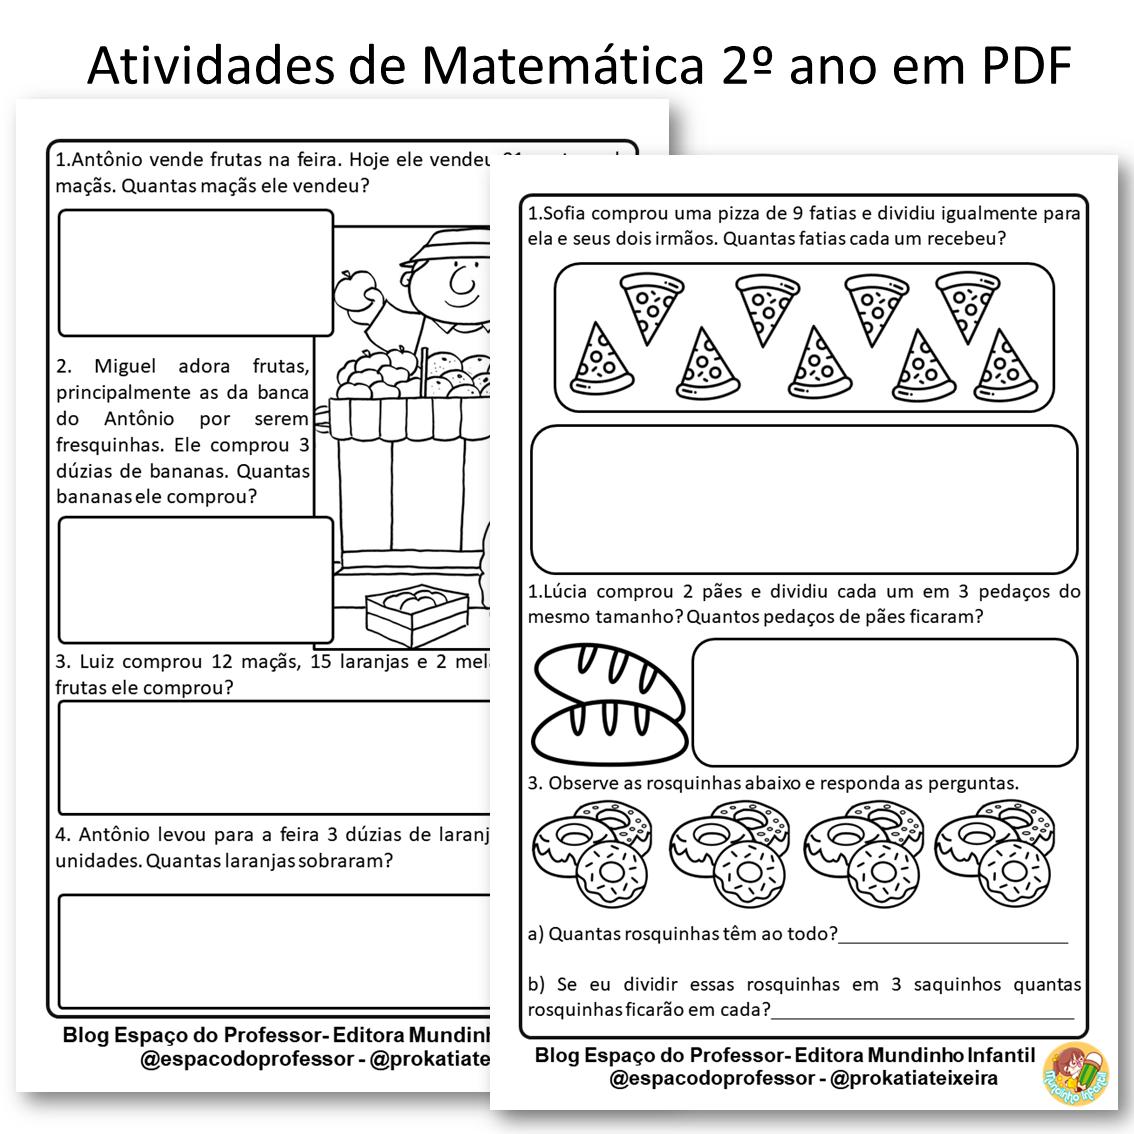 Atividade de matemática PDF 2º ano probleminhas